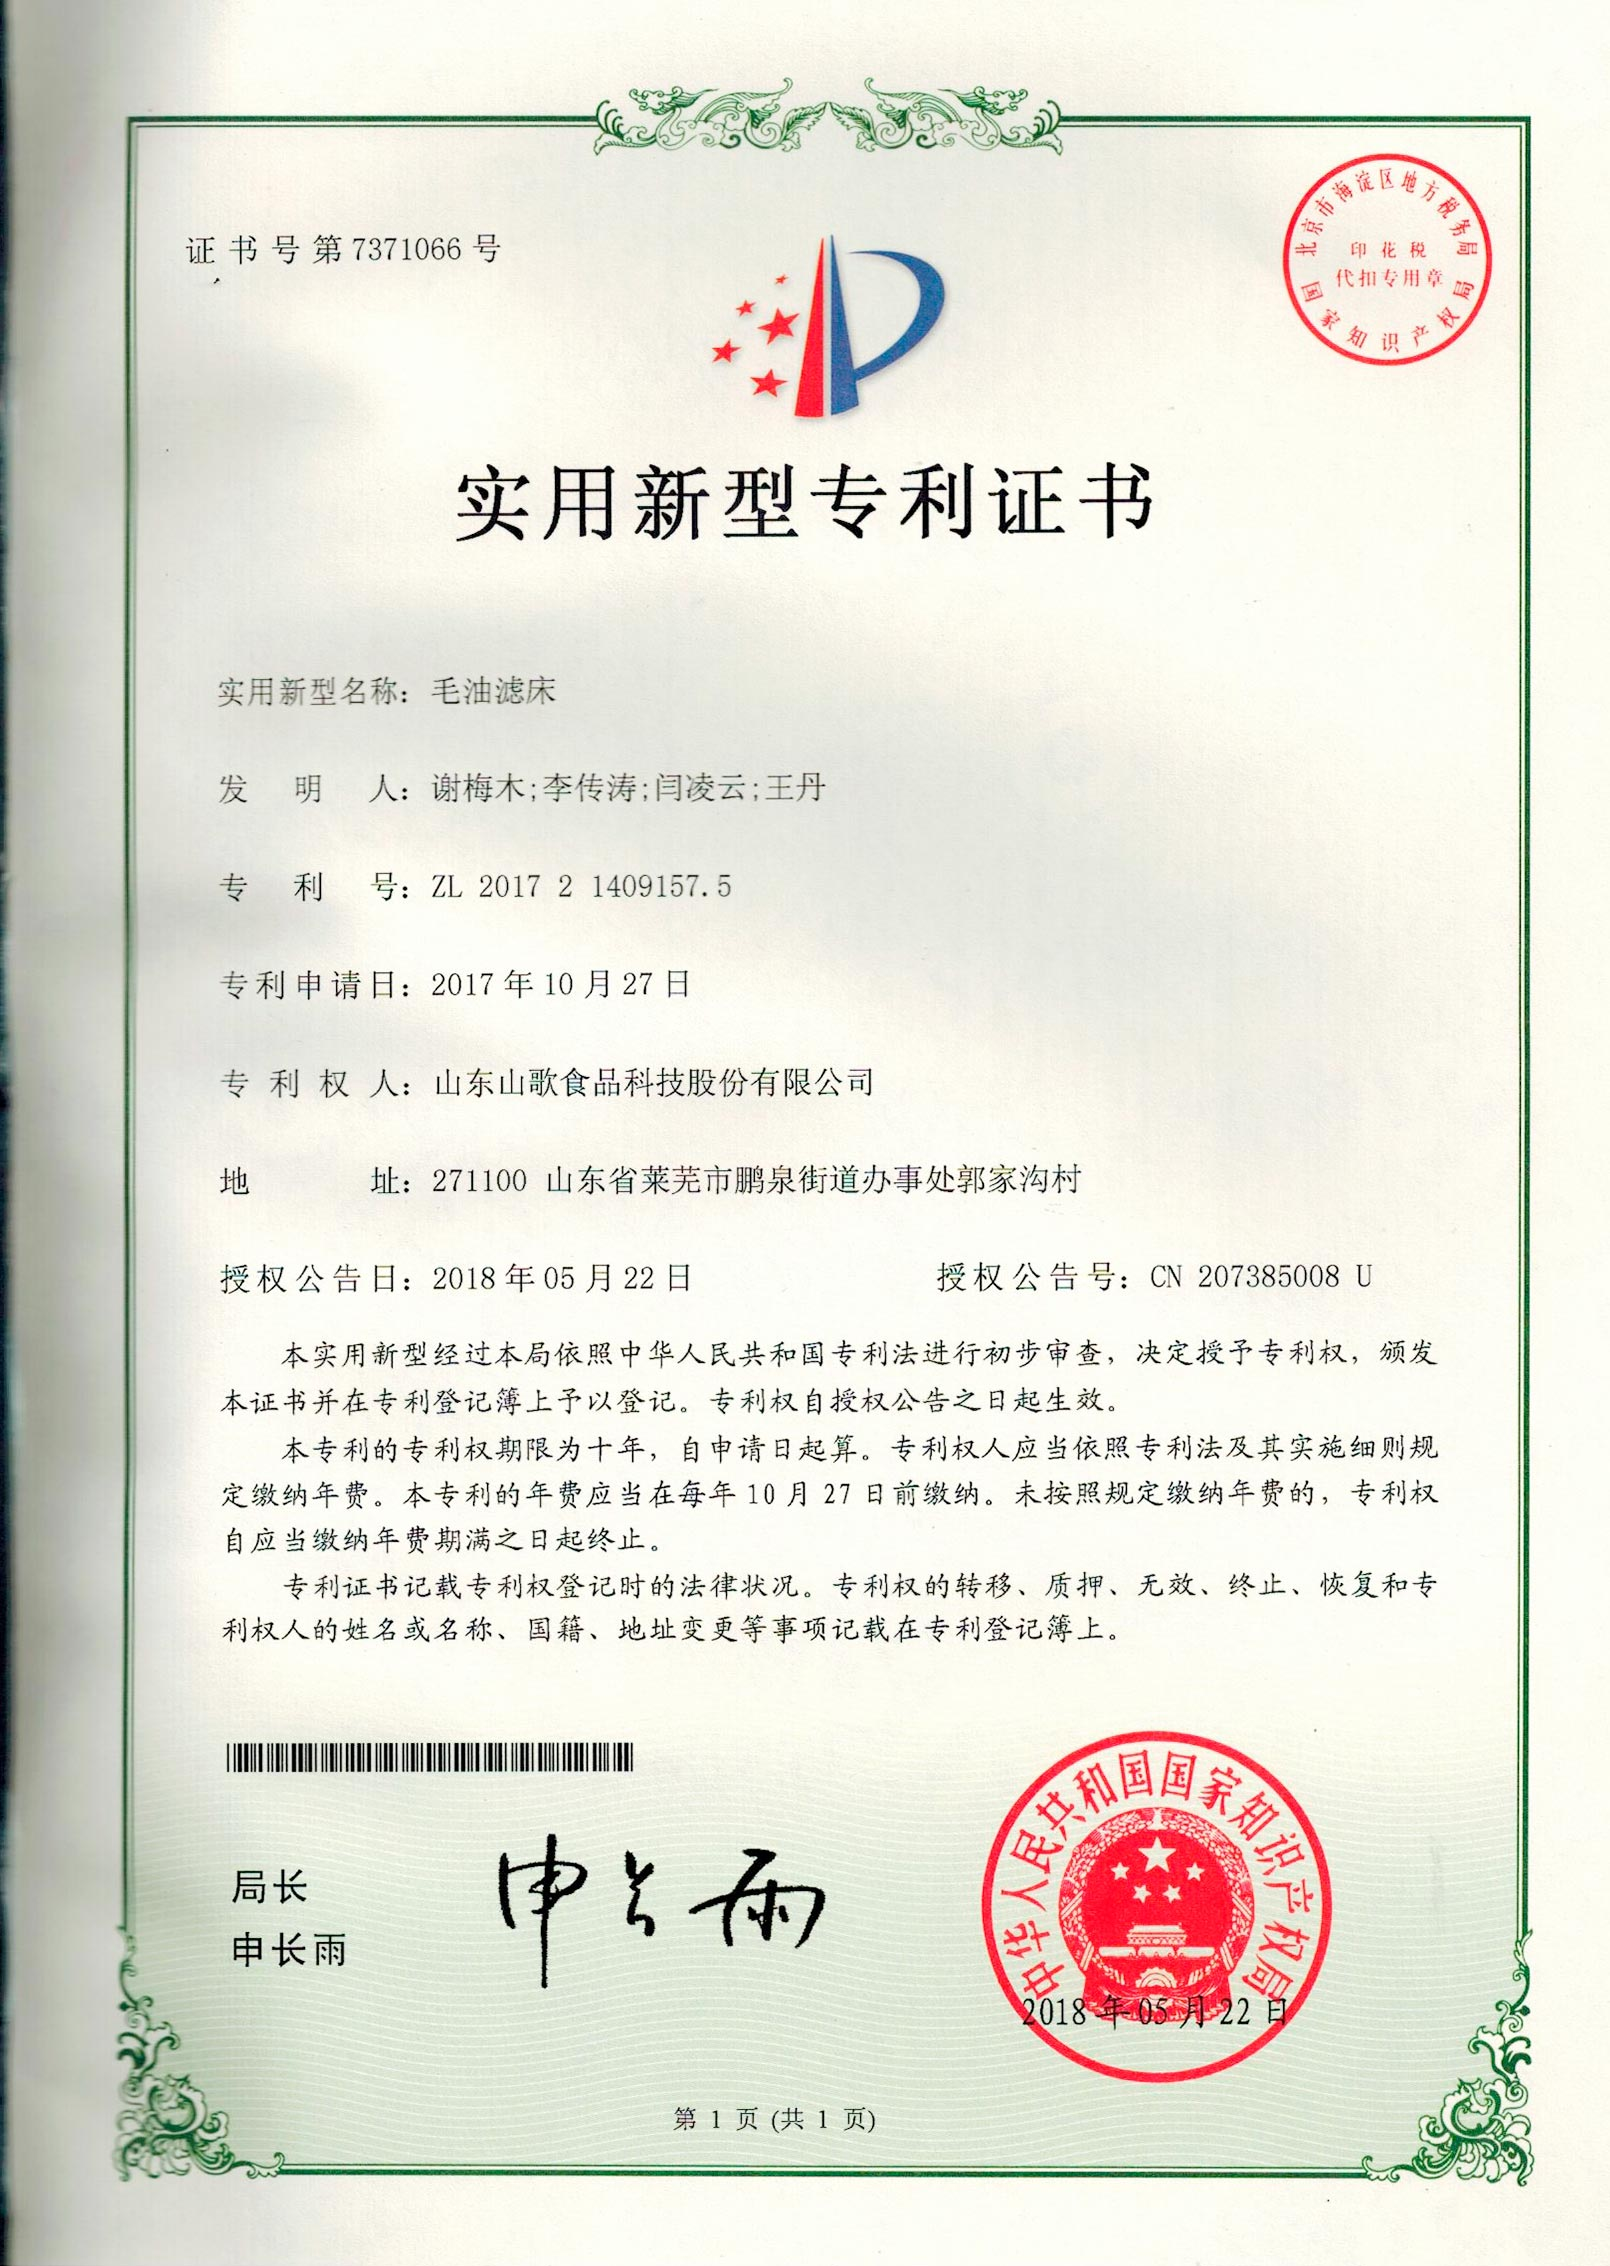 2018年5月22日获专利毛油滤床